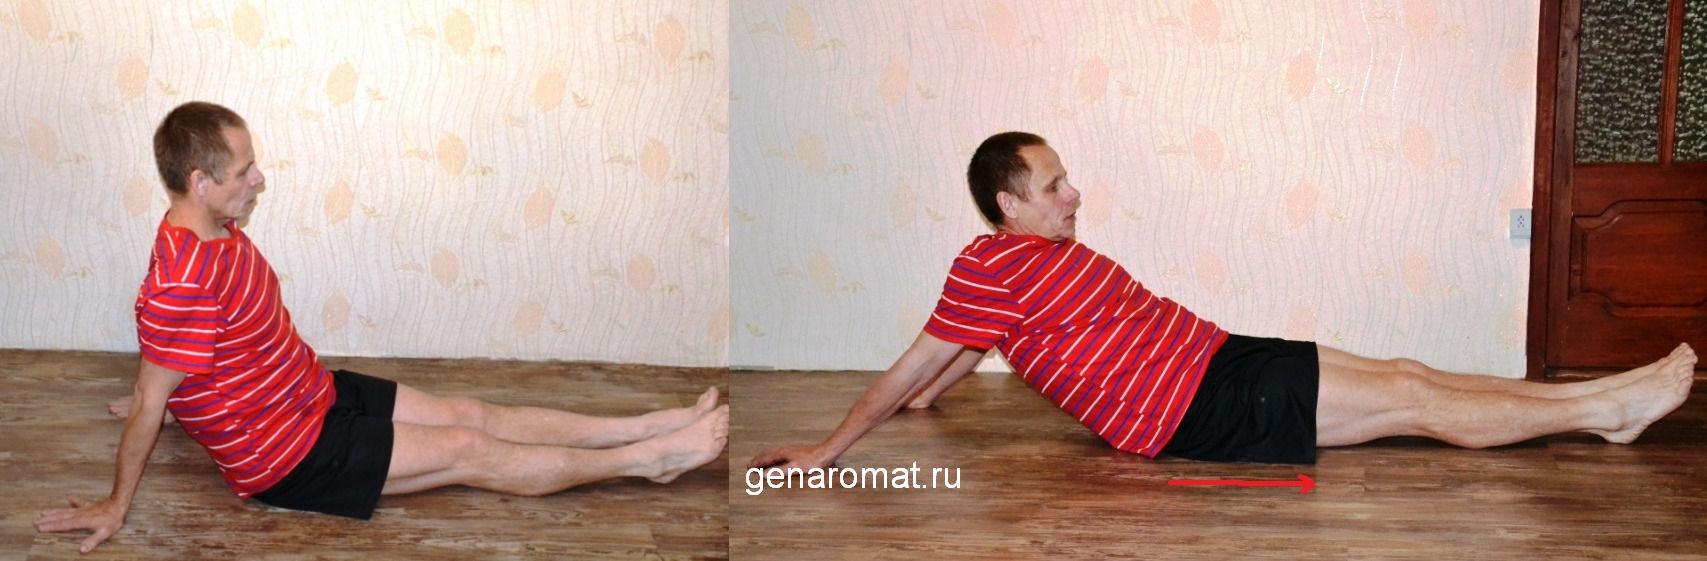 Упражнения для плеча -10